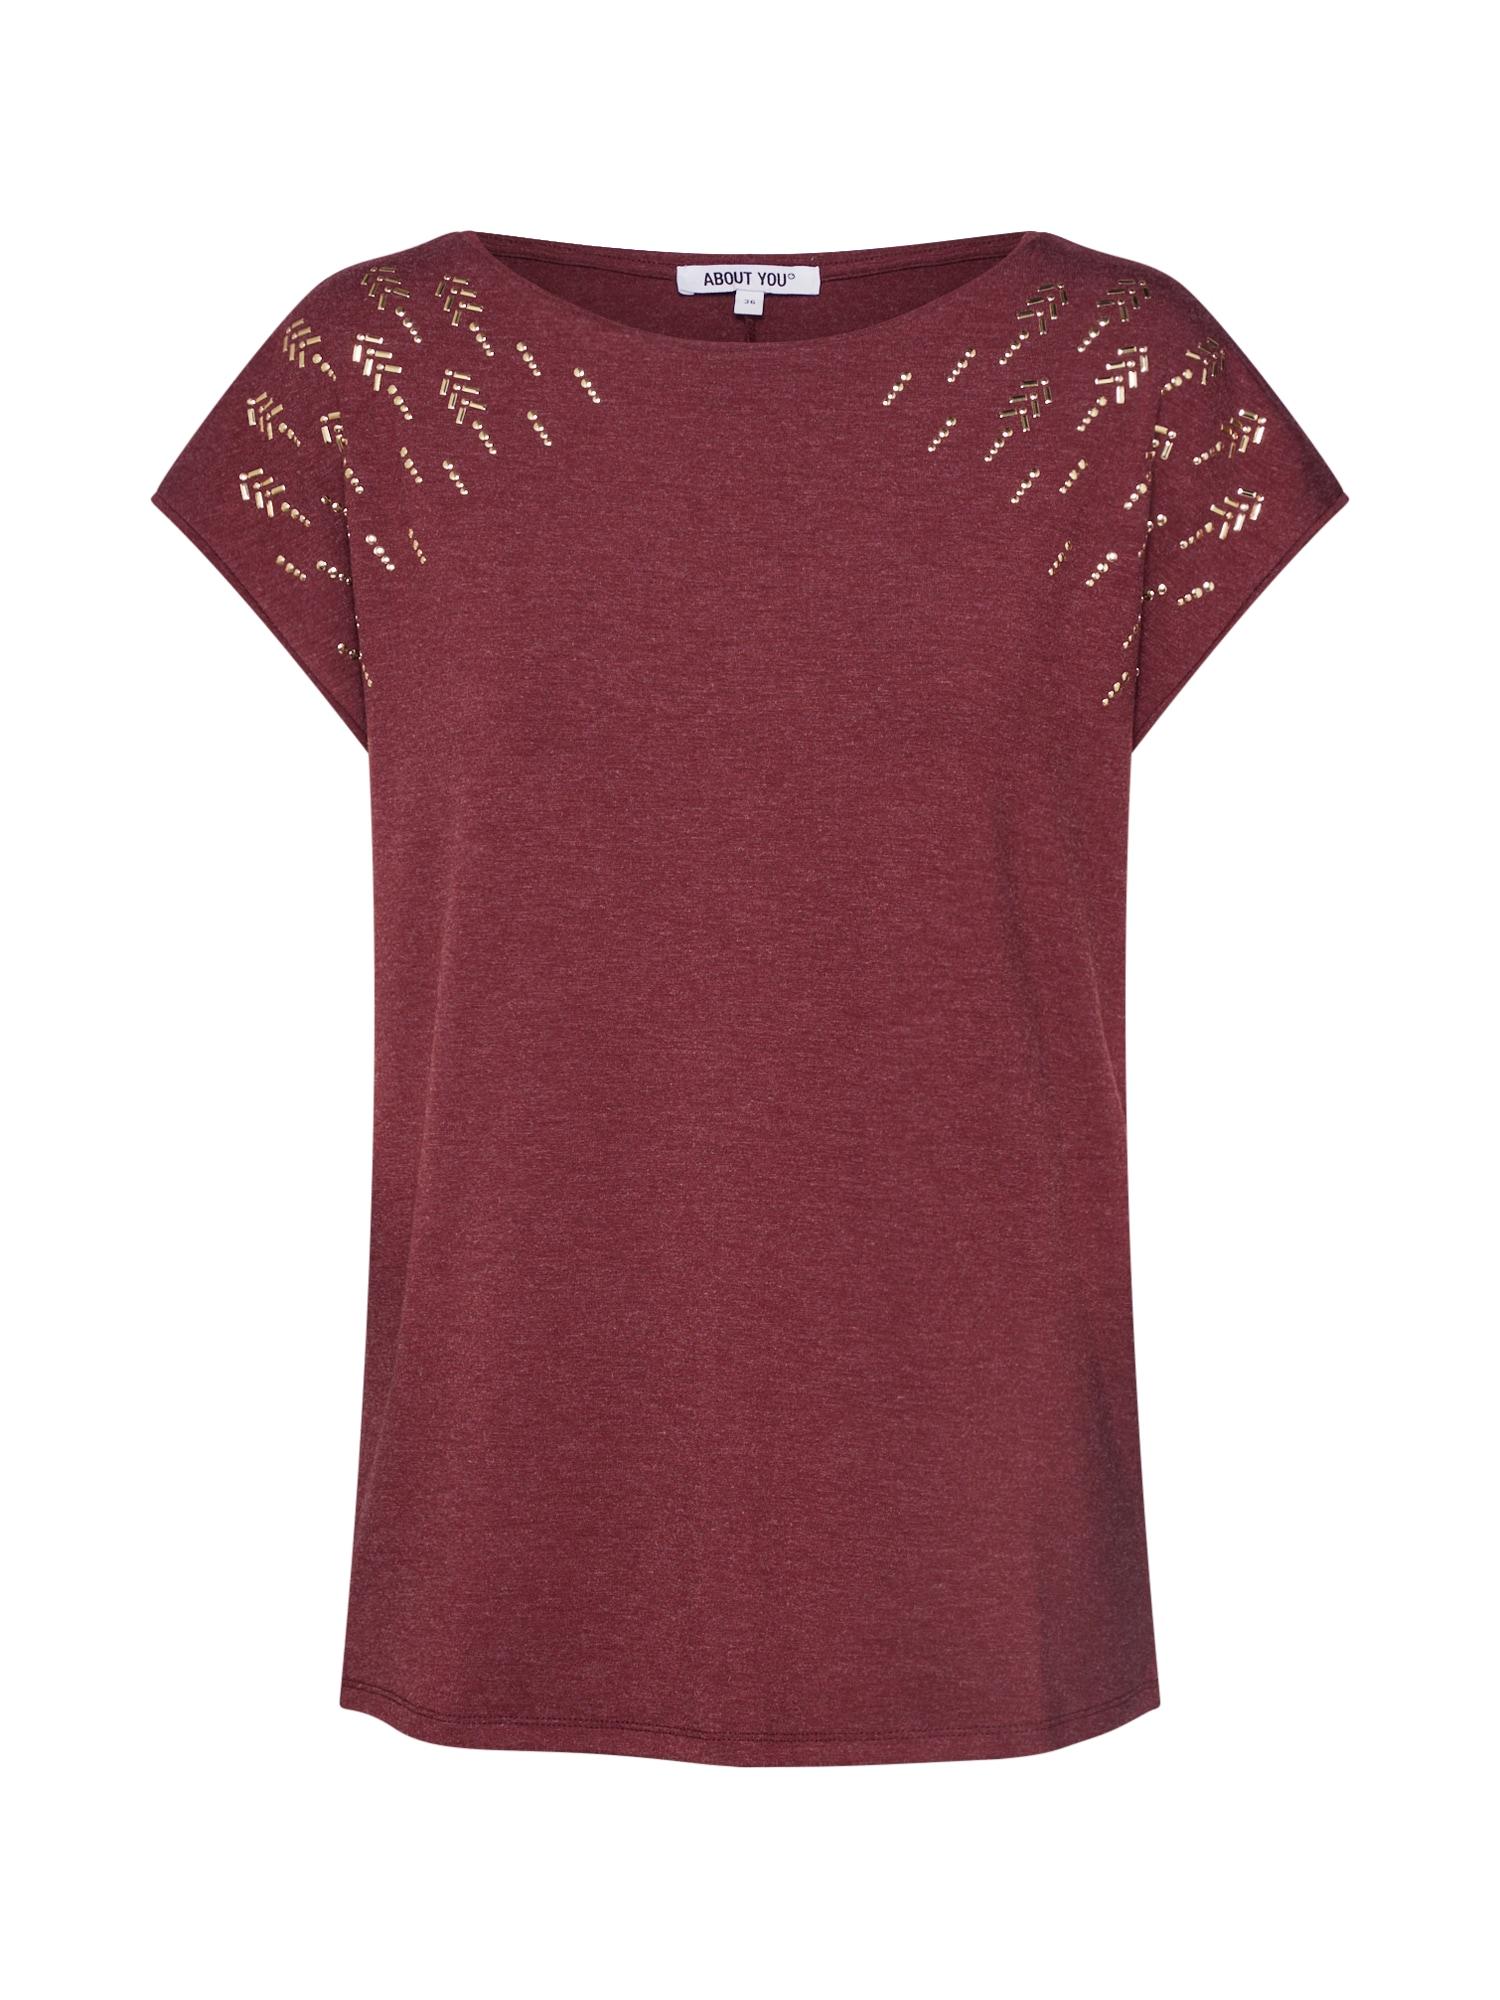 ABOUT YOU Marškinėliai 'Delia' vyšninė spalva